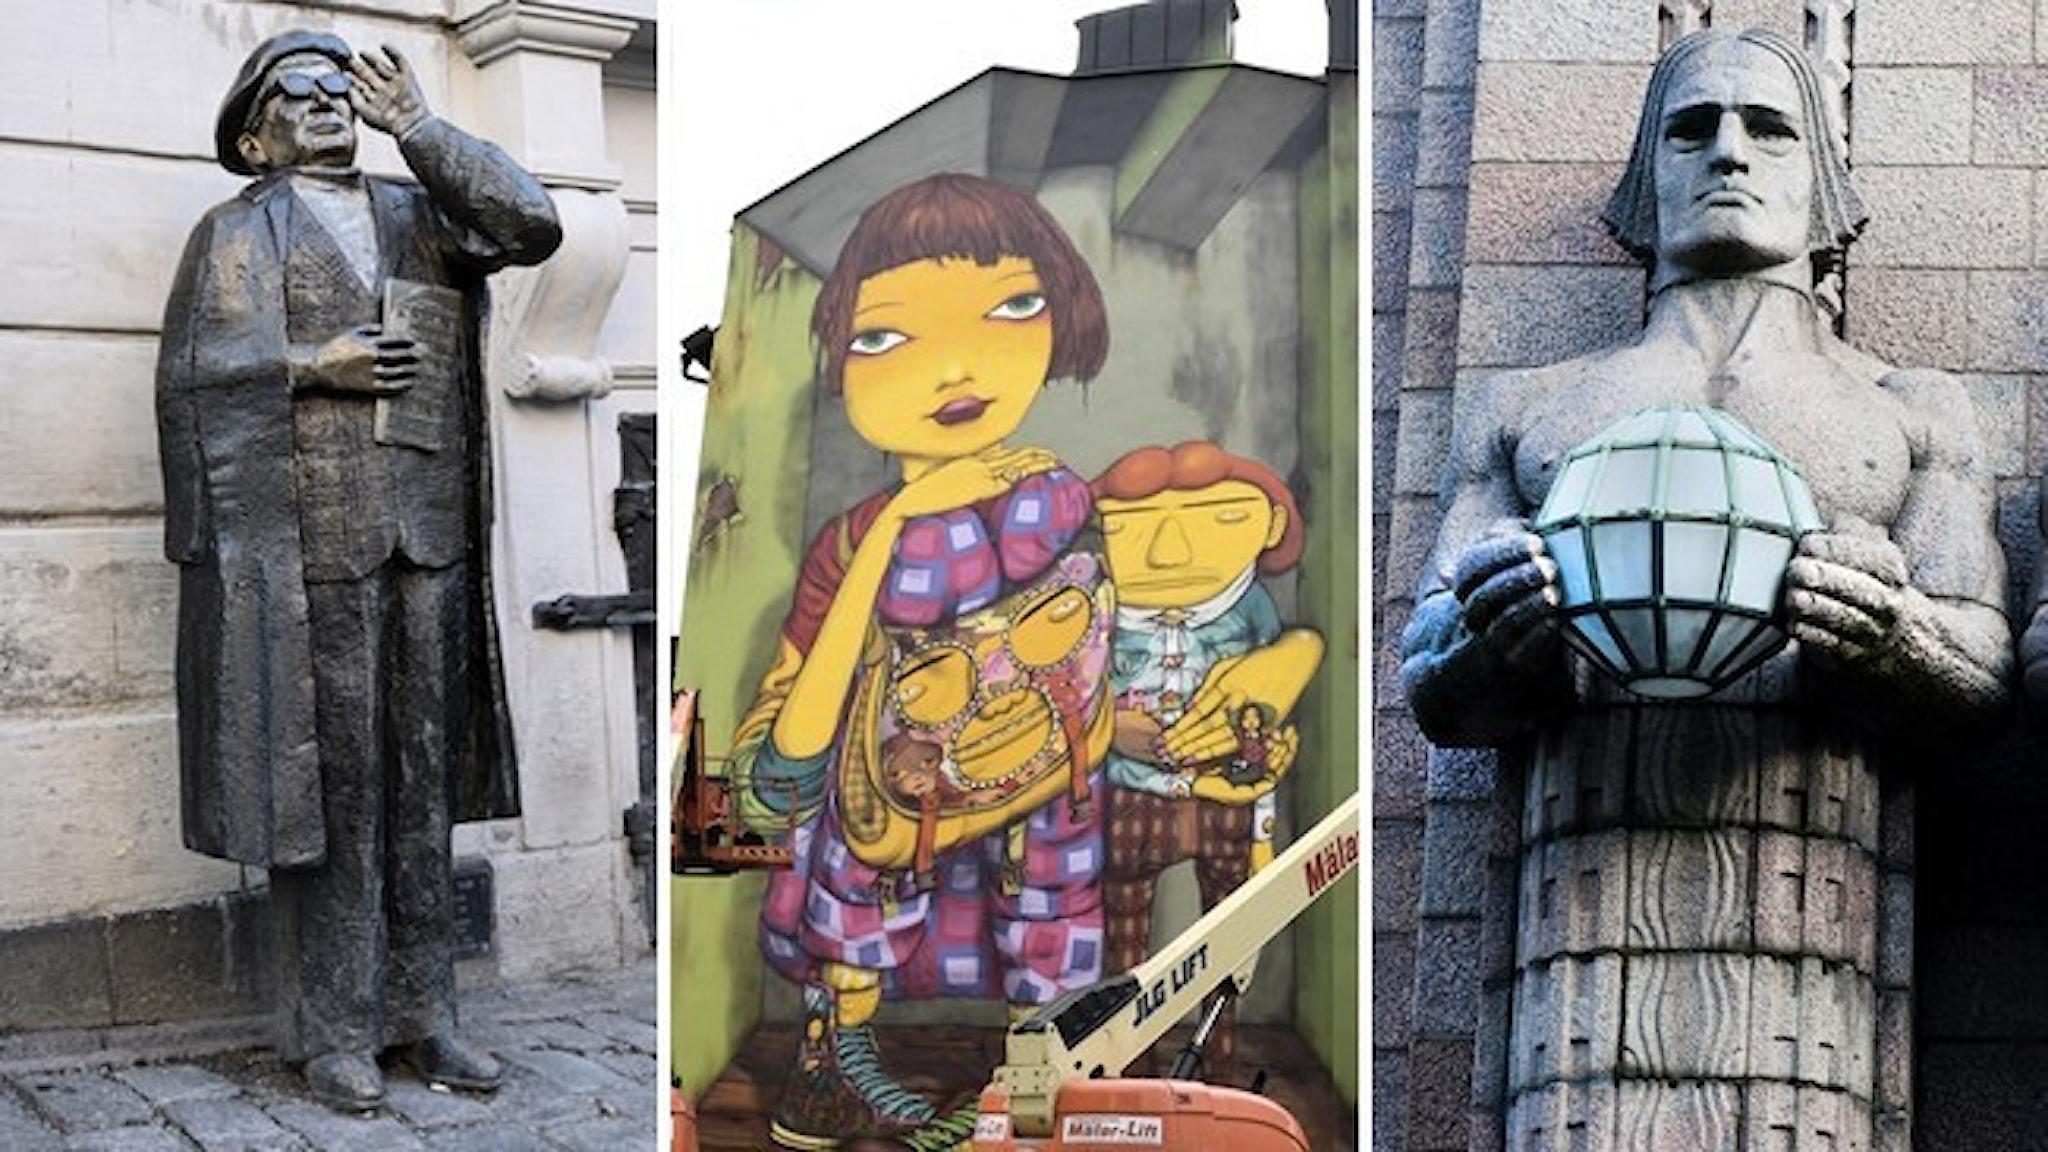 Staty av Evert Taube, en muralmålning av en gul figur och en staty från Helsingfors.